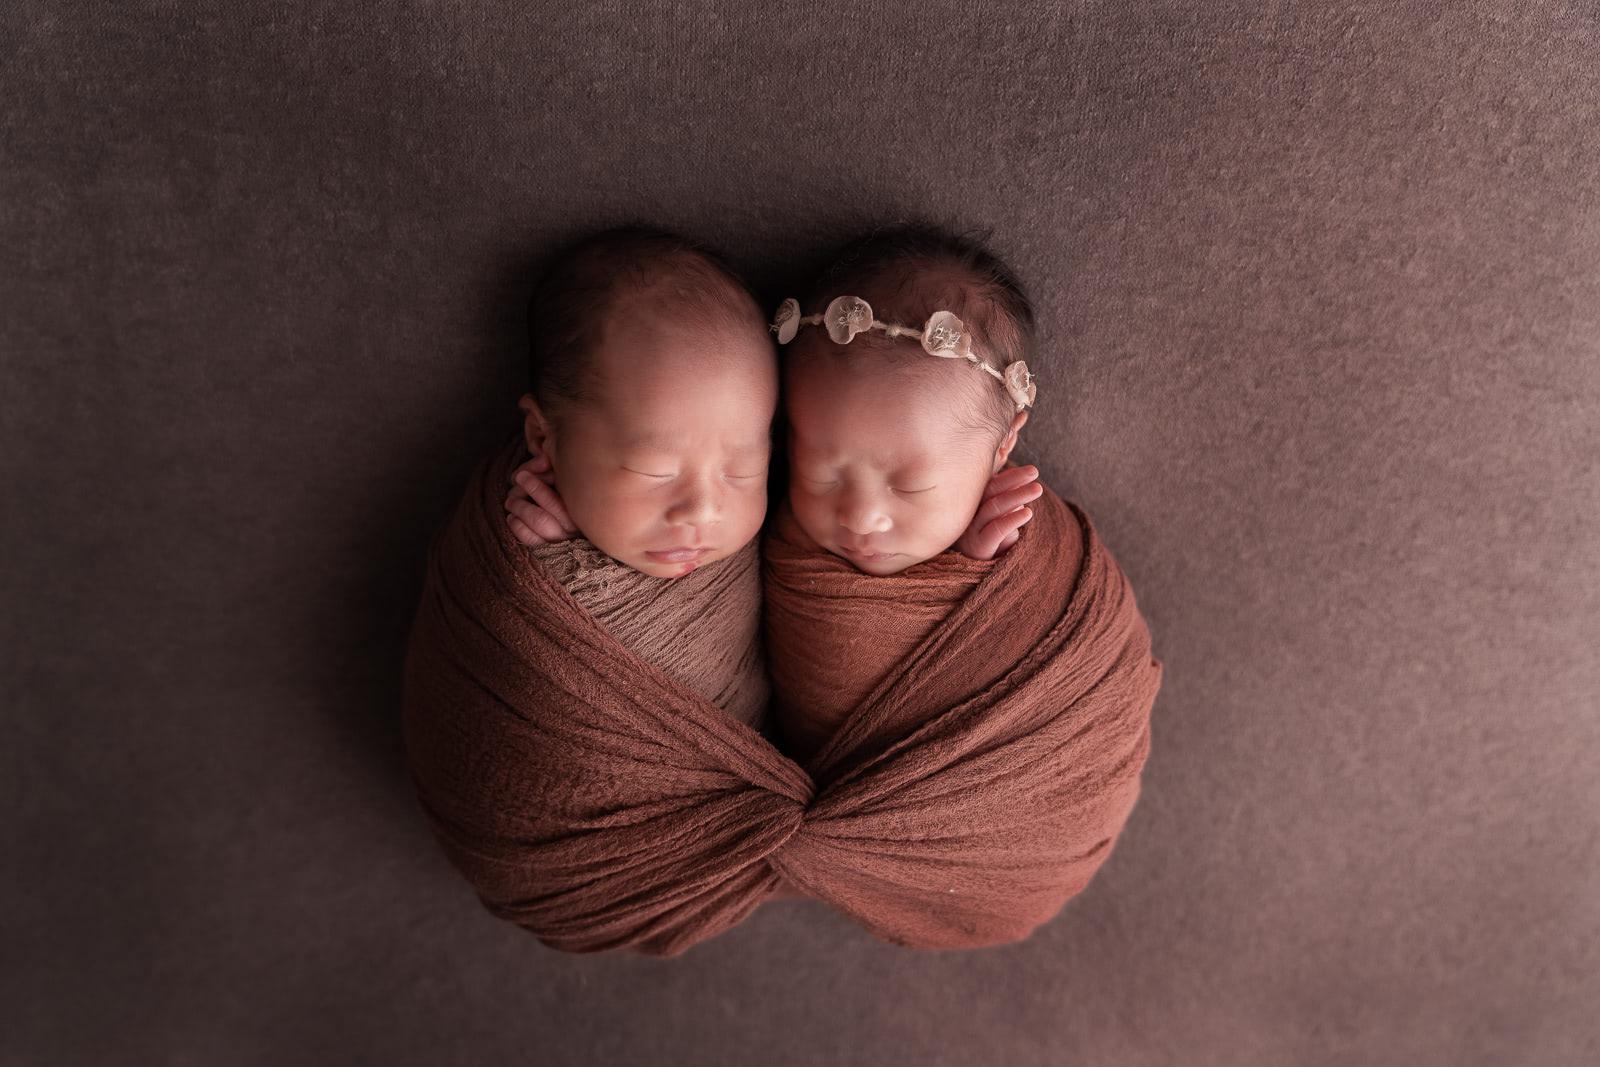 双子のニューボーンフォト